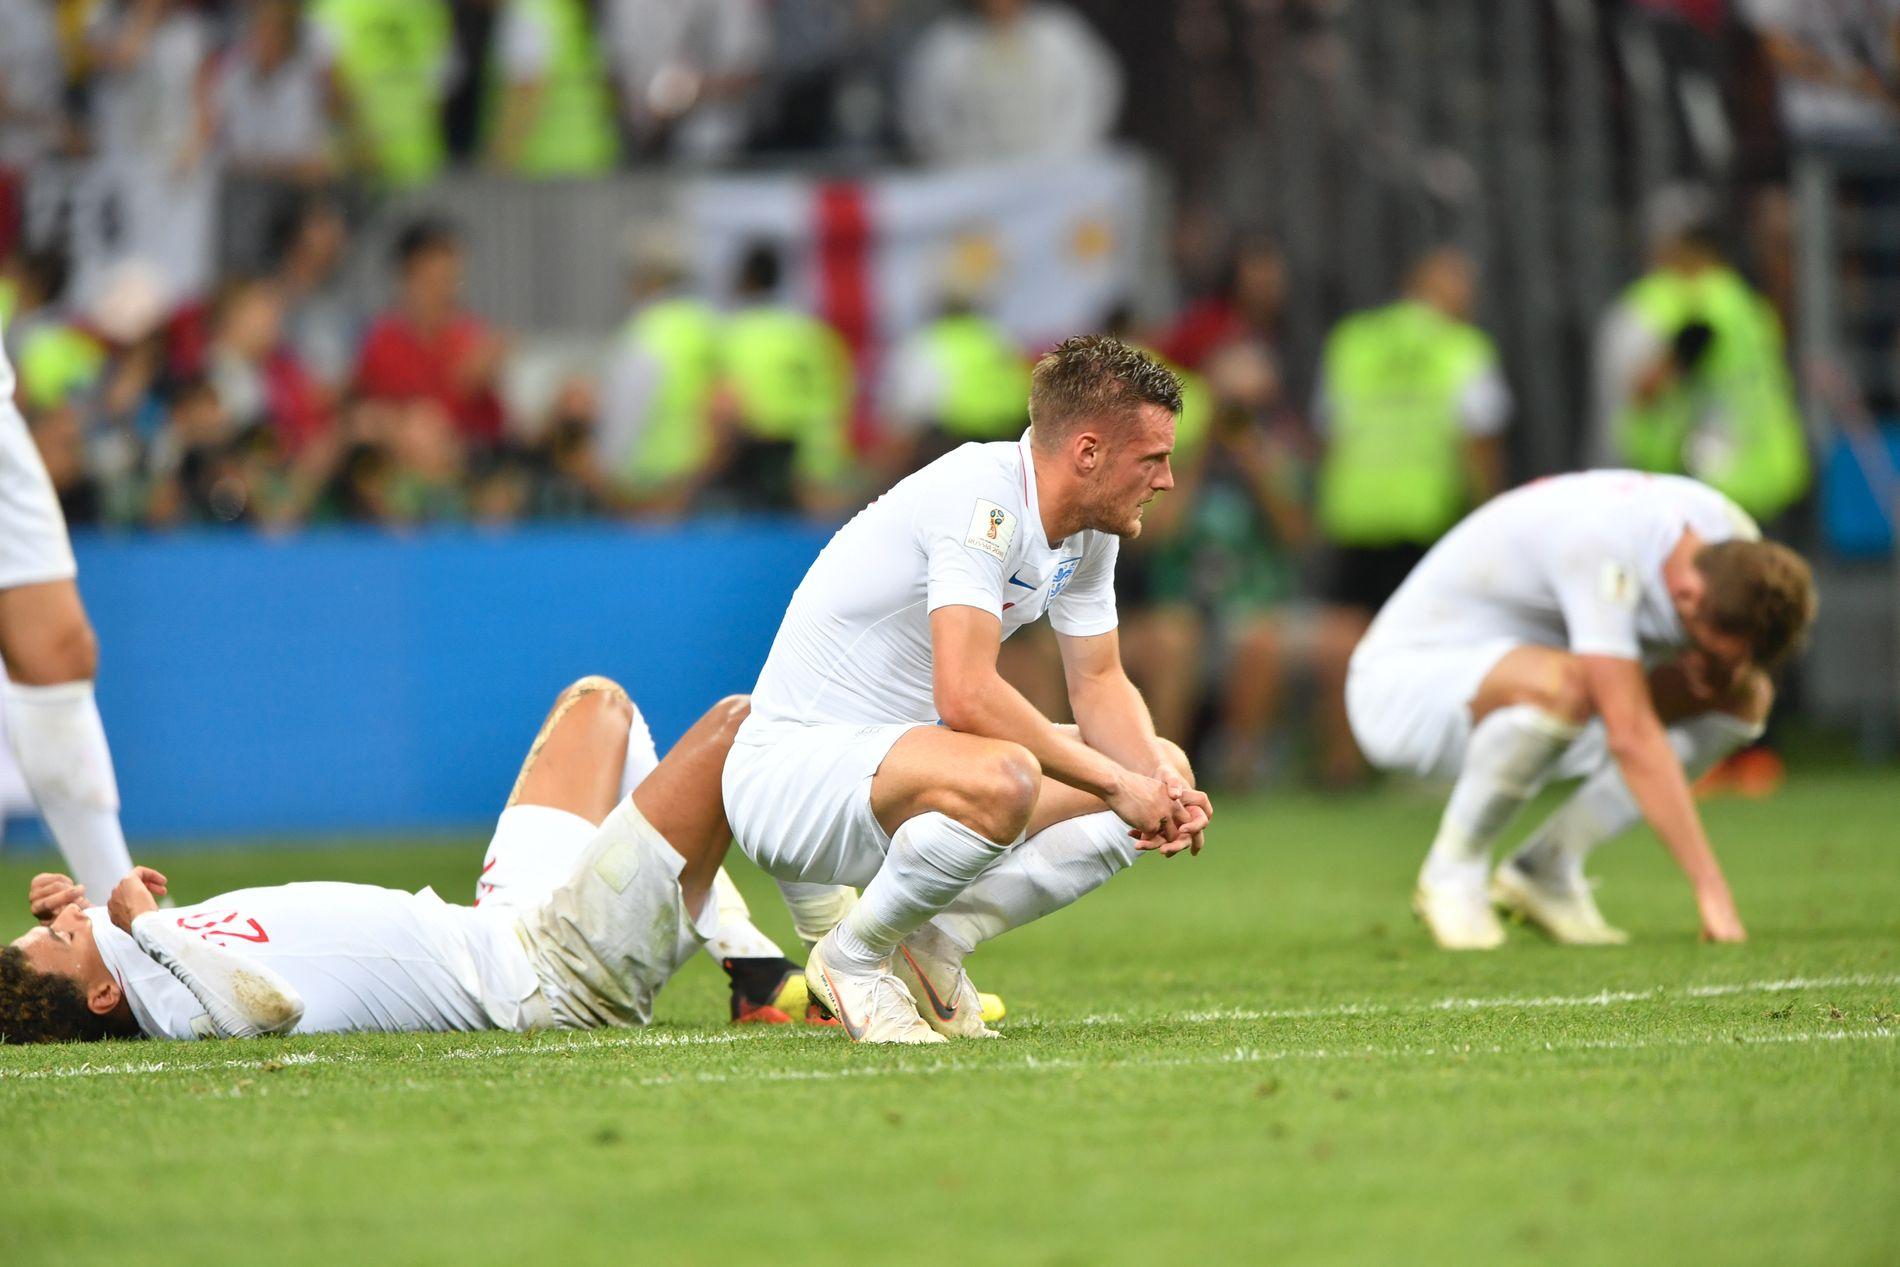 NEDBRUTT: Fortvilte engelskmenn etter semifinaletapet. Jamie Vardy i midten.